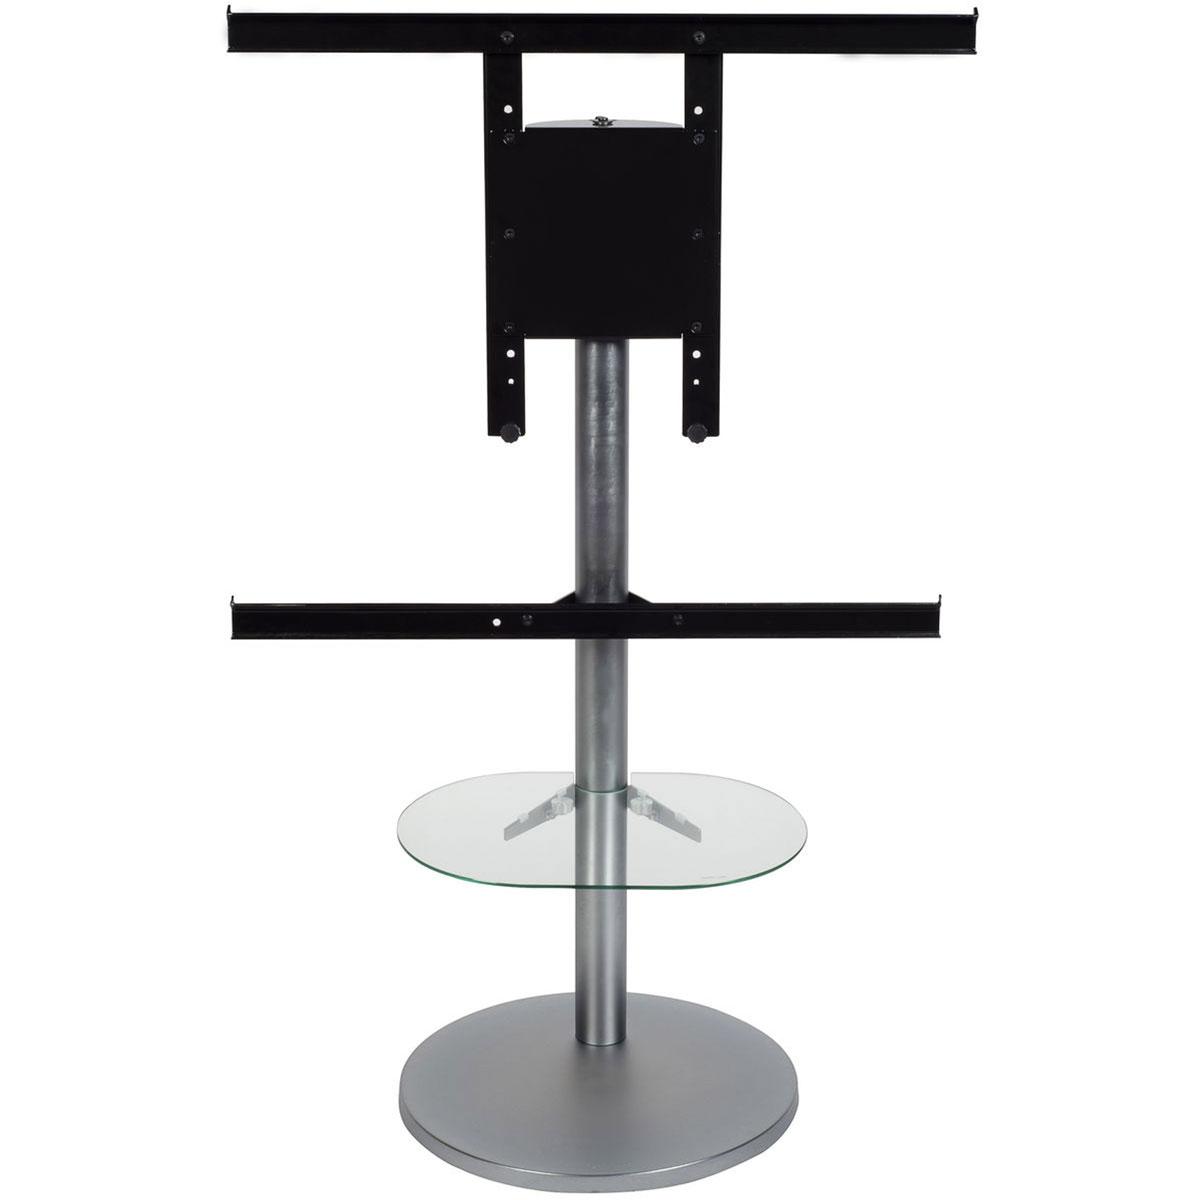 Norstone tiblen sb meuble tv norstone sur - Meuble tv samsung avec accroche barre de son ...